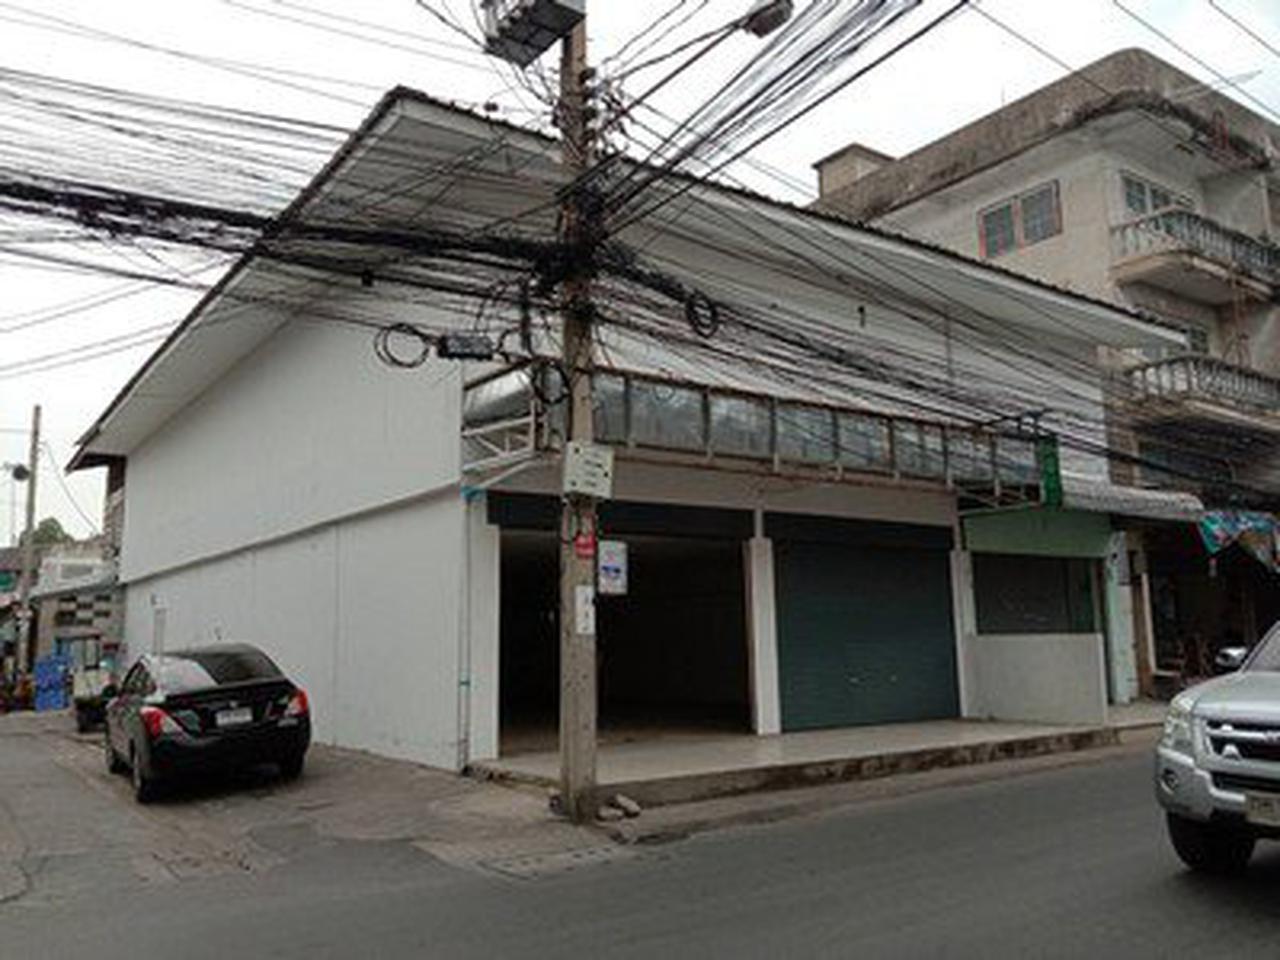 ให้เช่าอาคารพาณิชย์ 4 คูหา  2 ชั้น ถนนพหลโยธิน54/1 รูปที่ 4